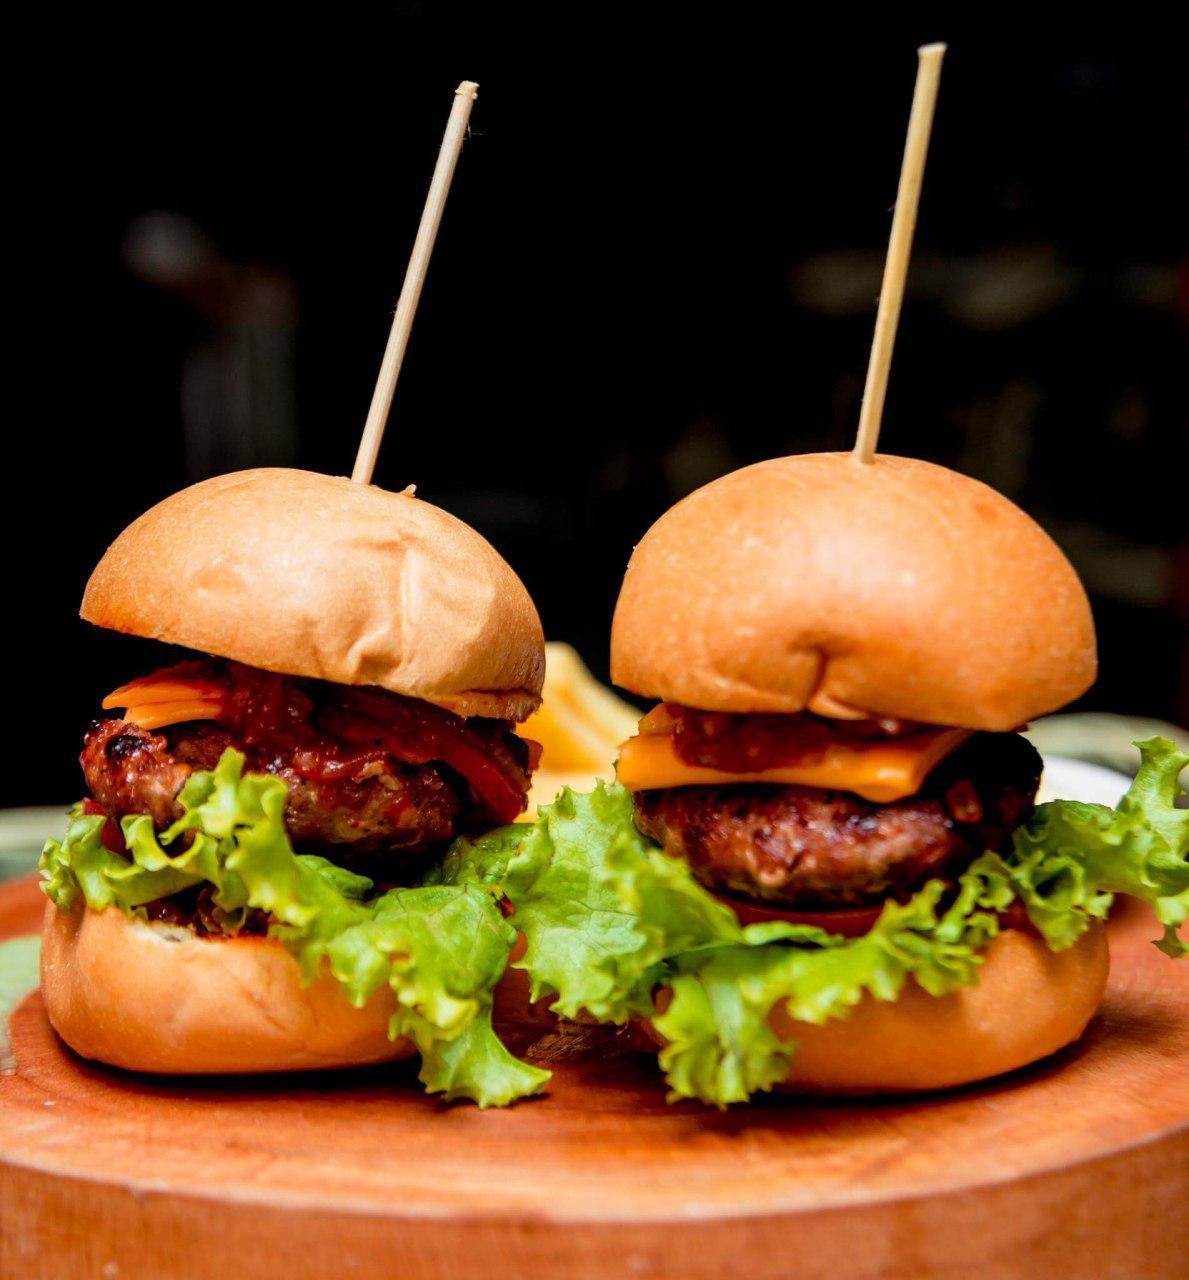 burgery.jpg